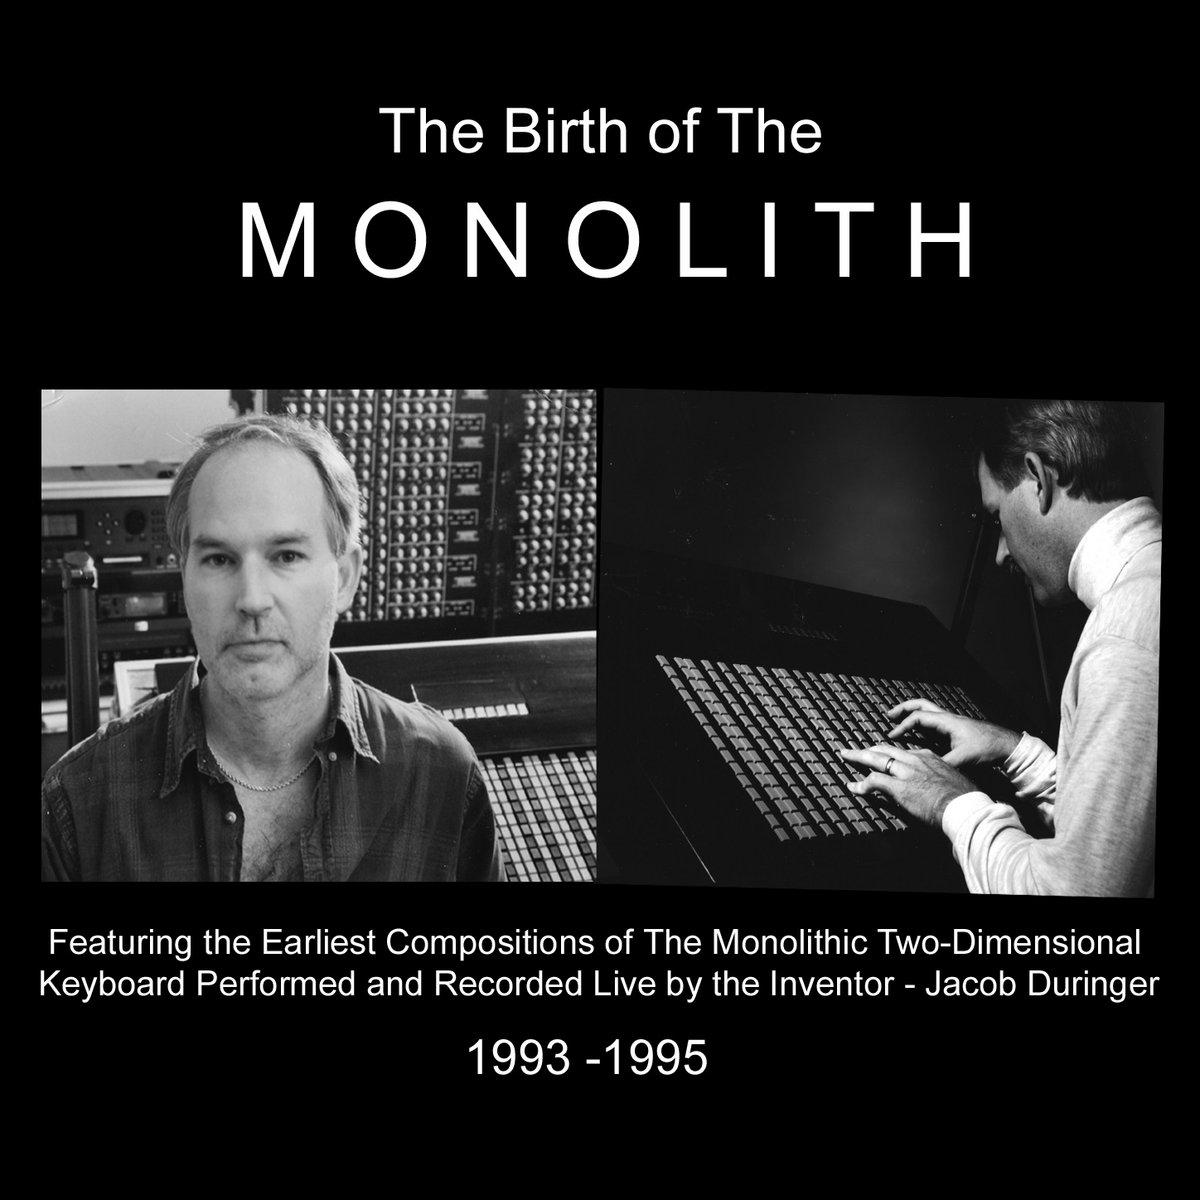 monolith 1993